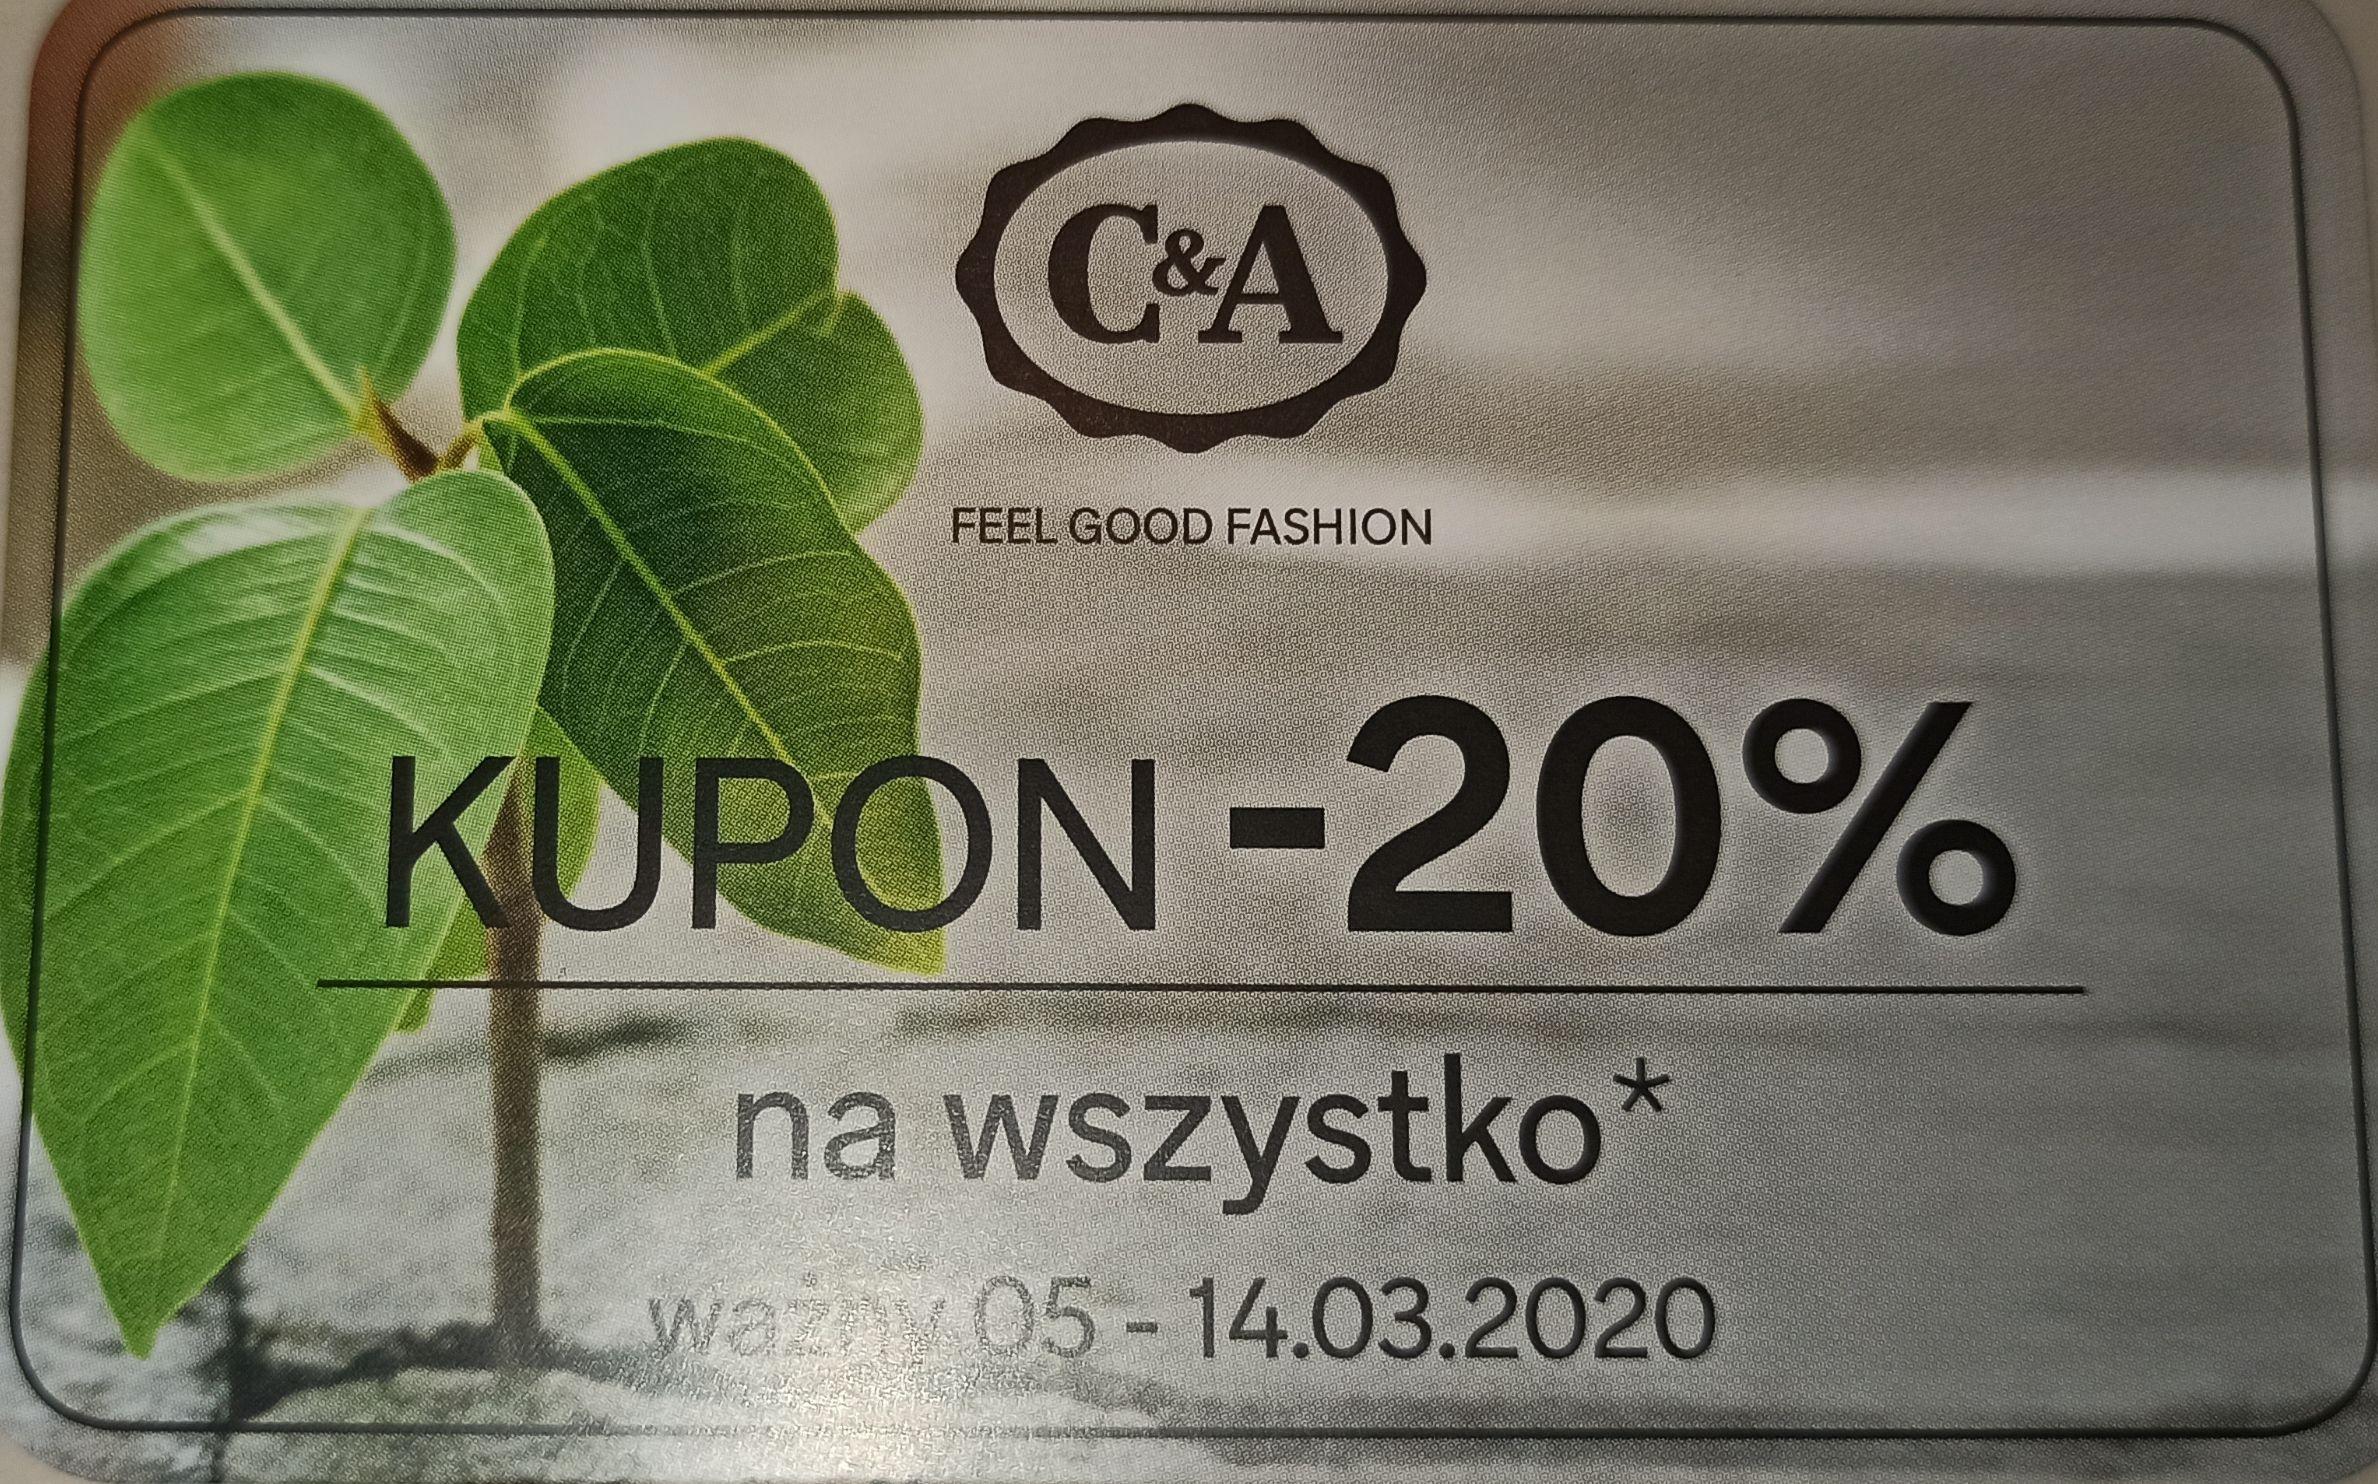 C&A -20% z kuponem/kodem.